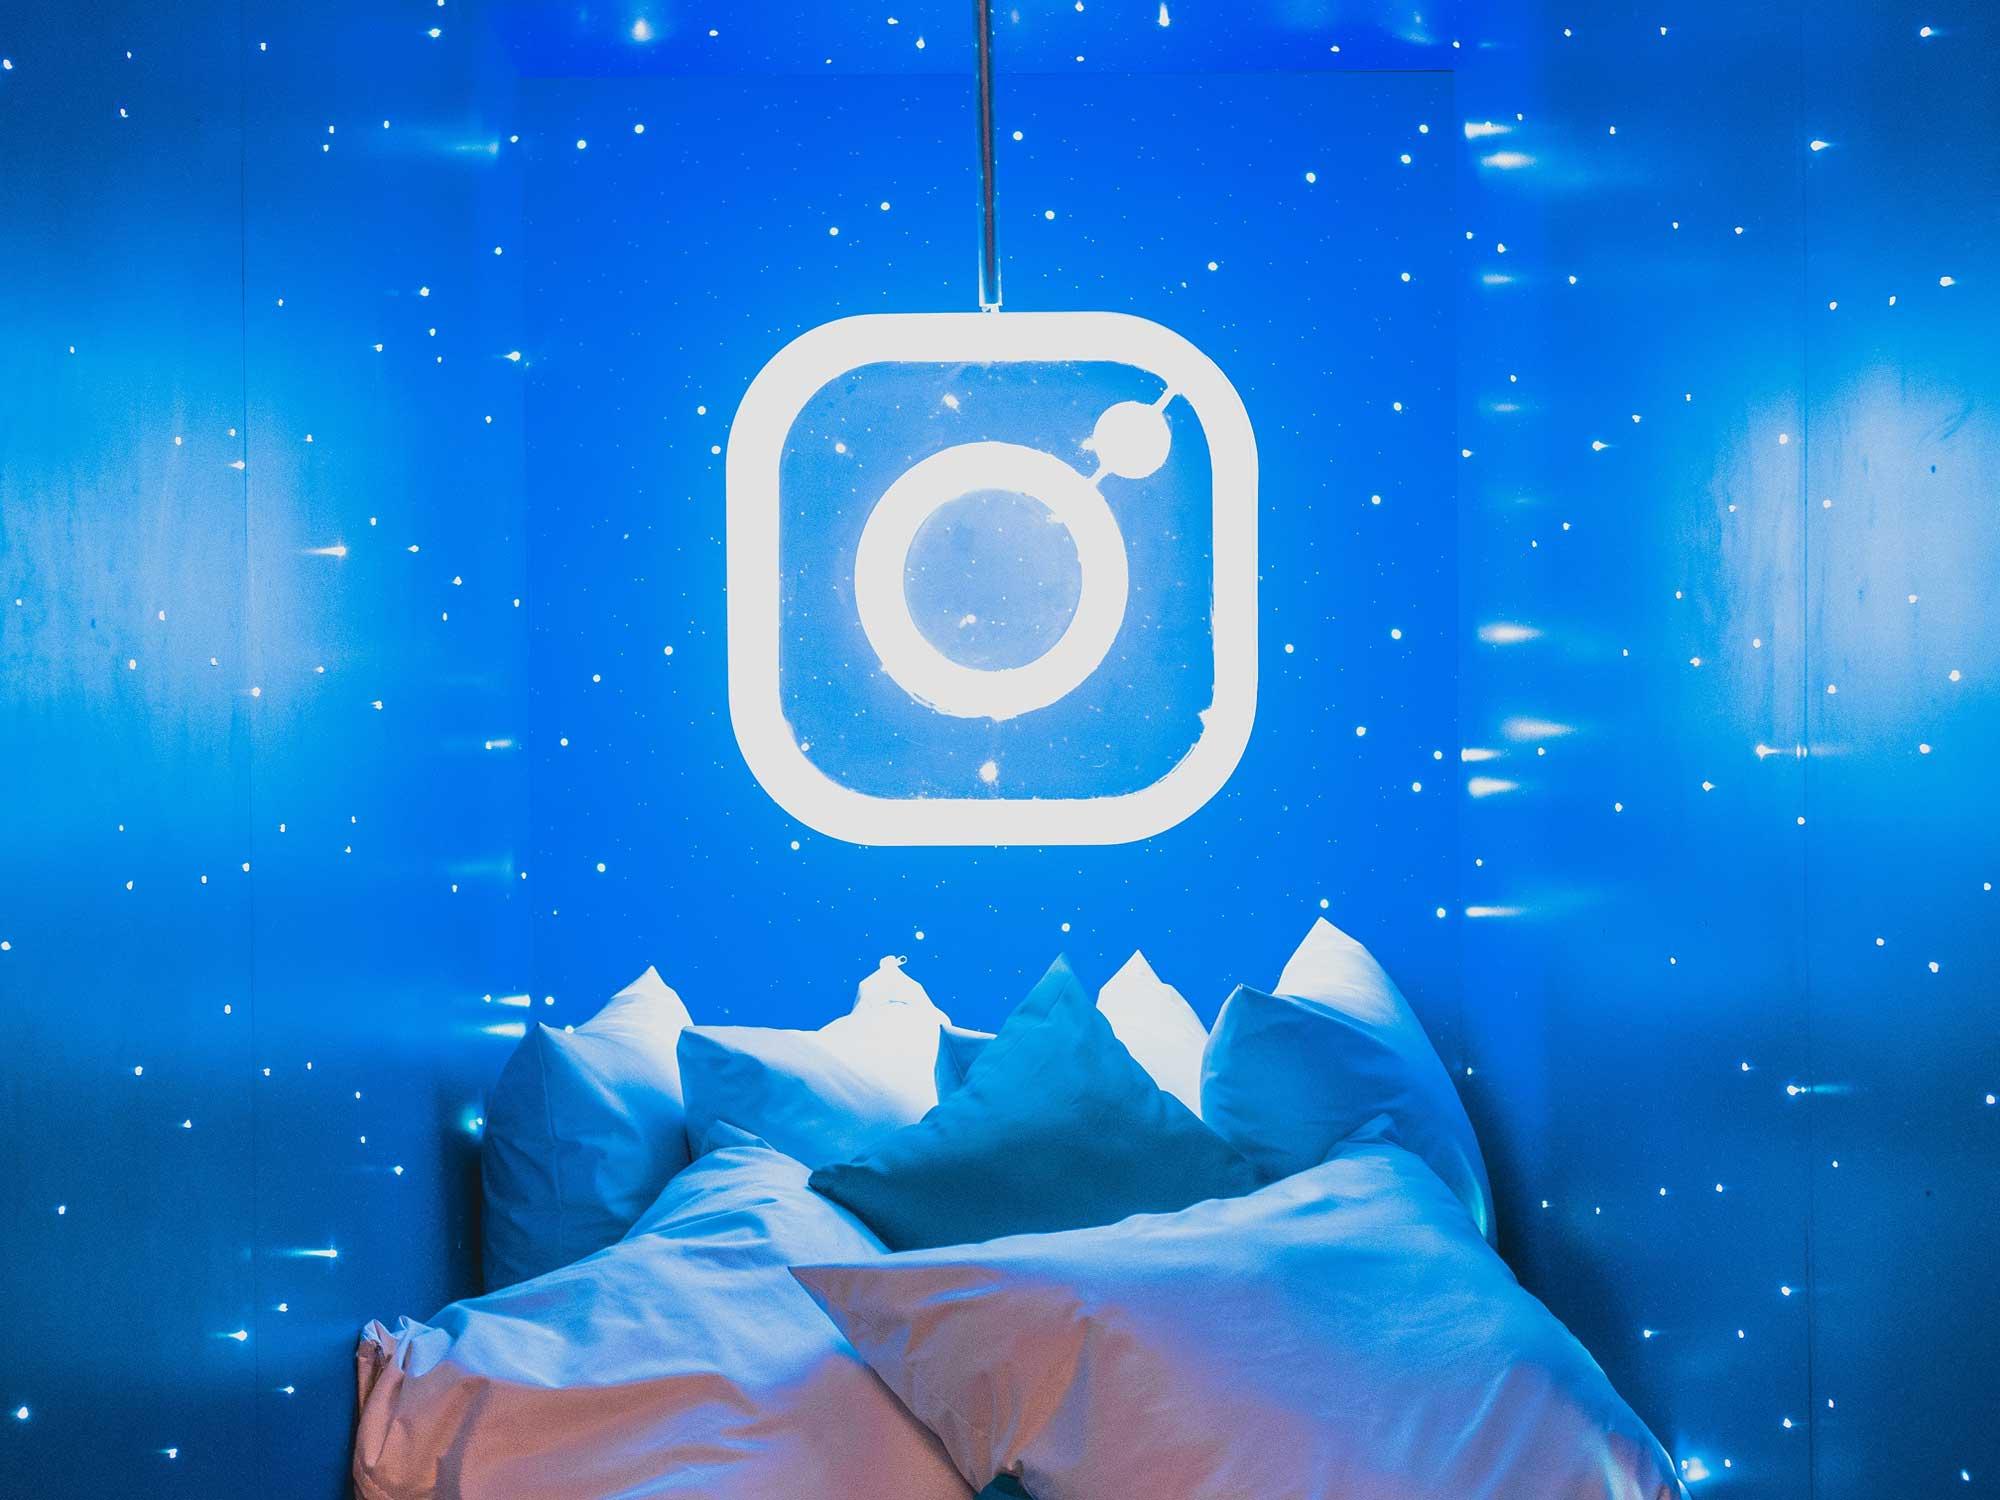 les bons moments pour publier sur instagram - Agence Sharing